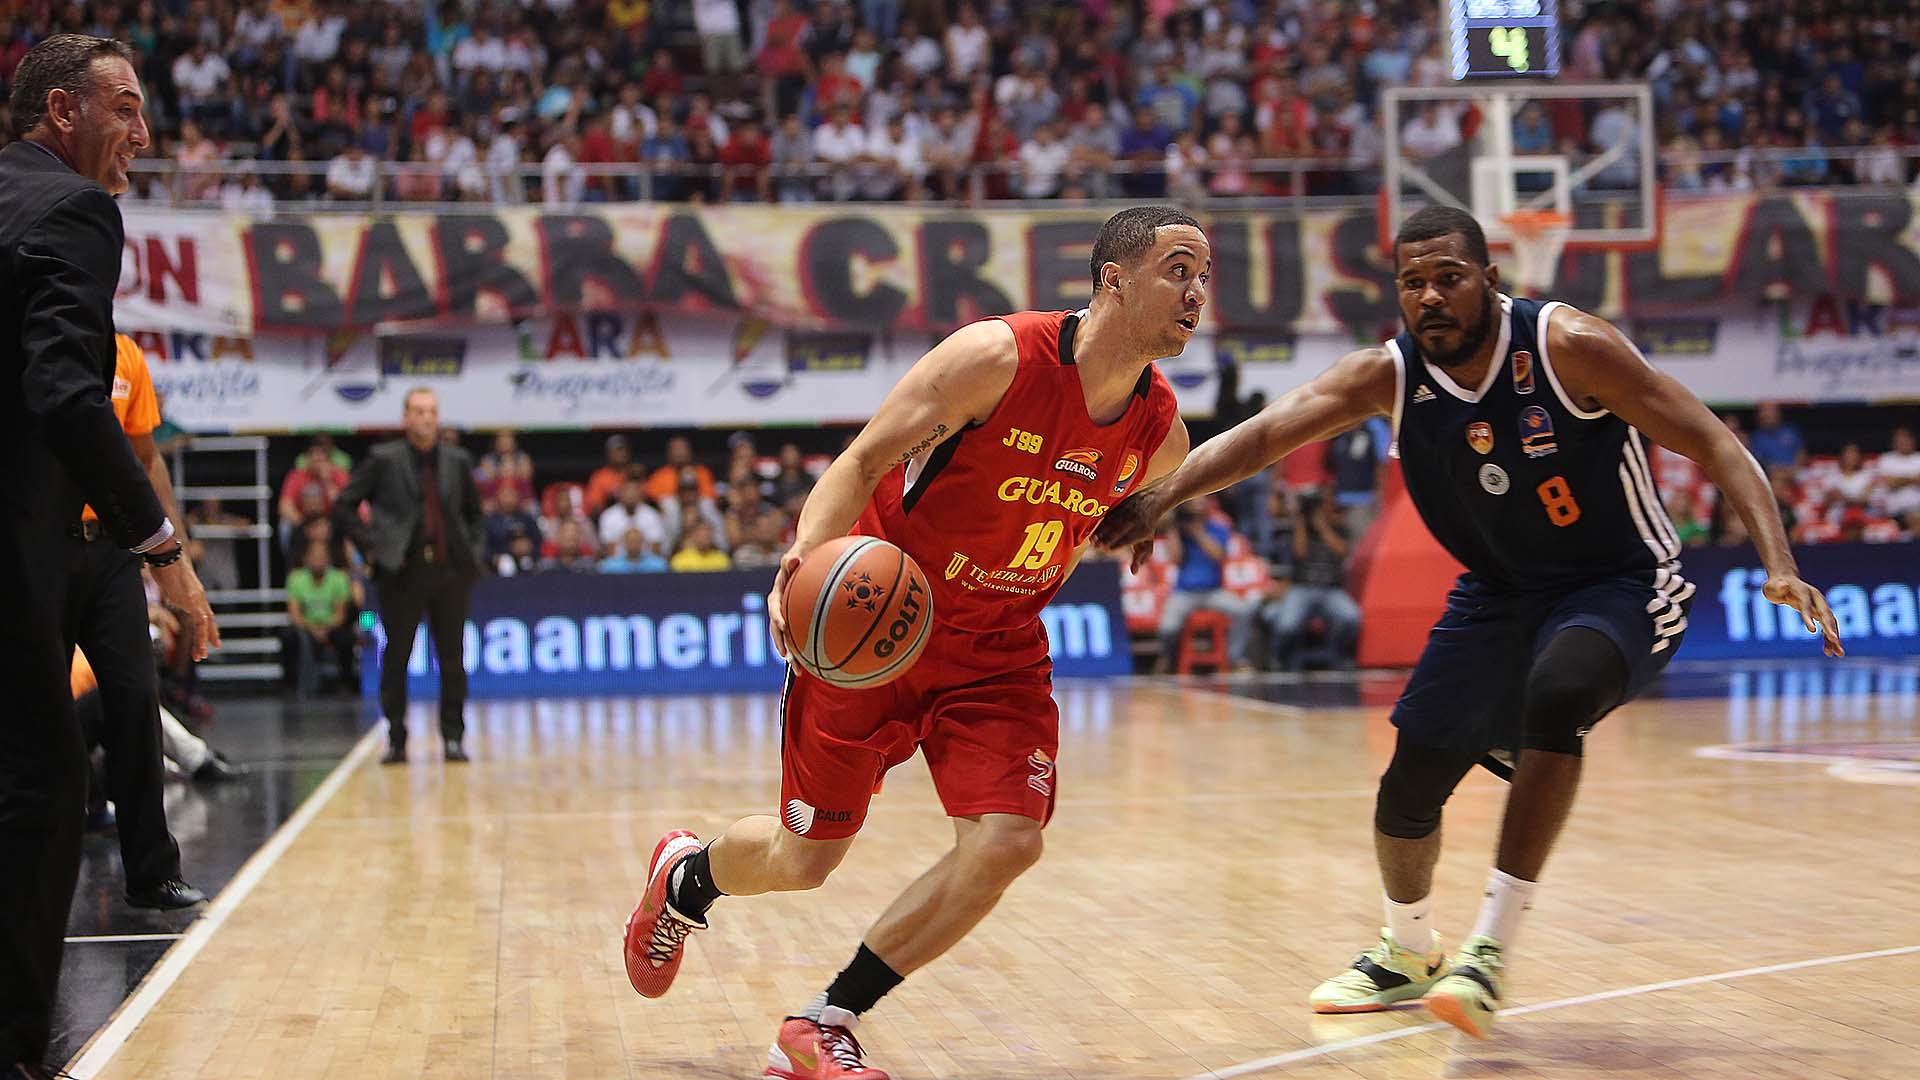 El equipo larense, de la mano del entrenador español Iván Denis, buscará escribir una nueva página en la historia del torneo